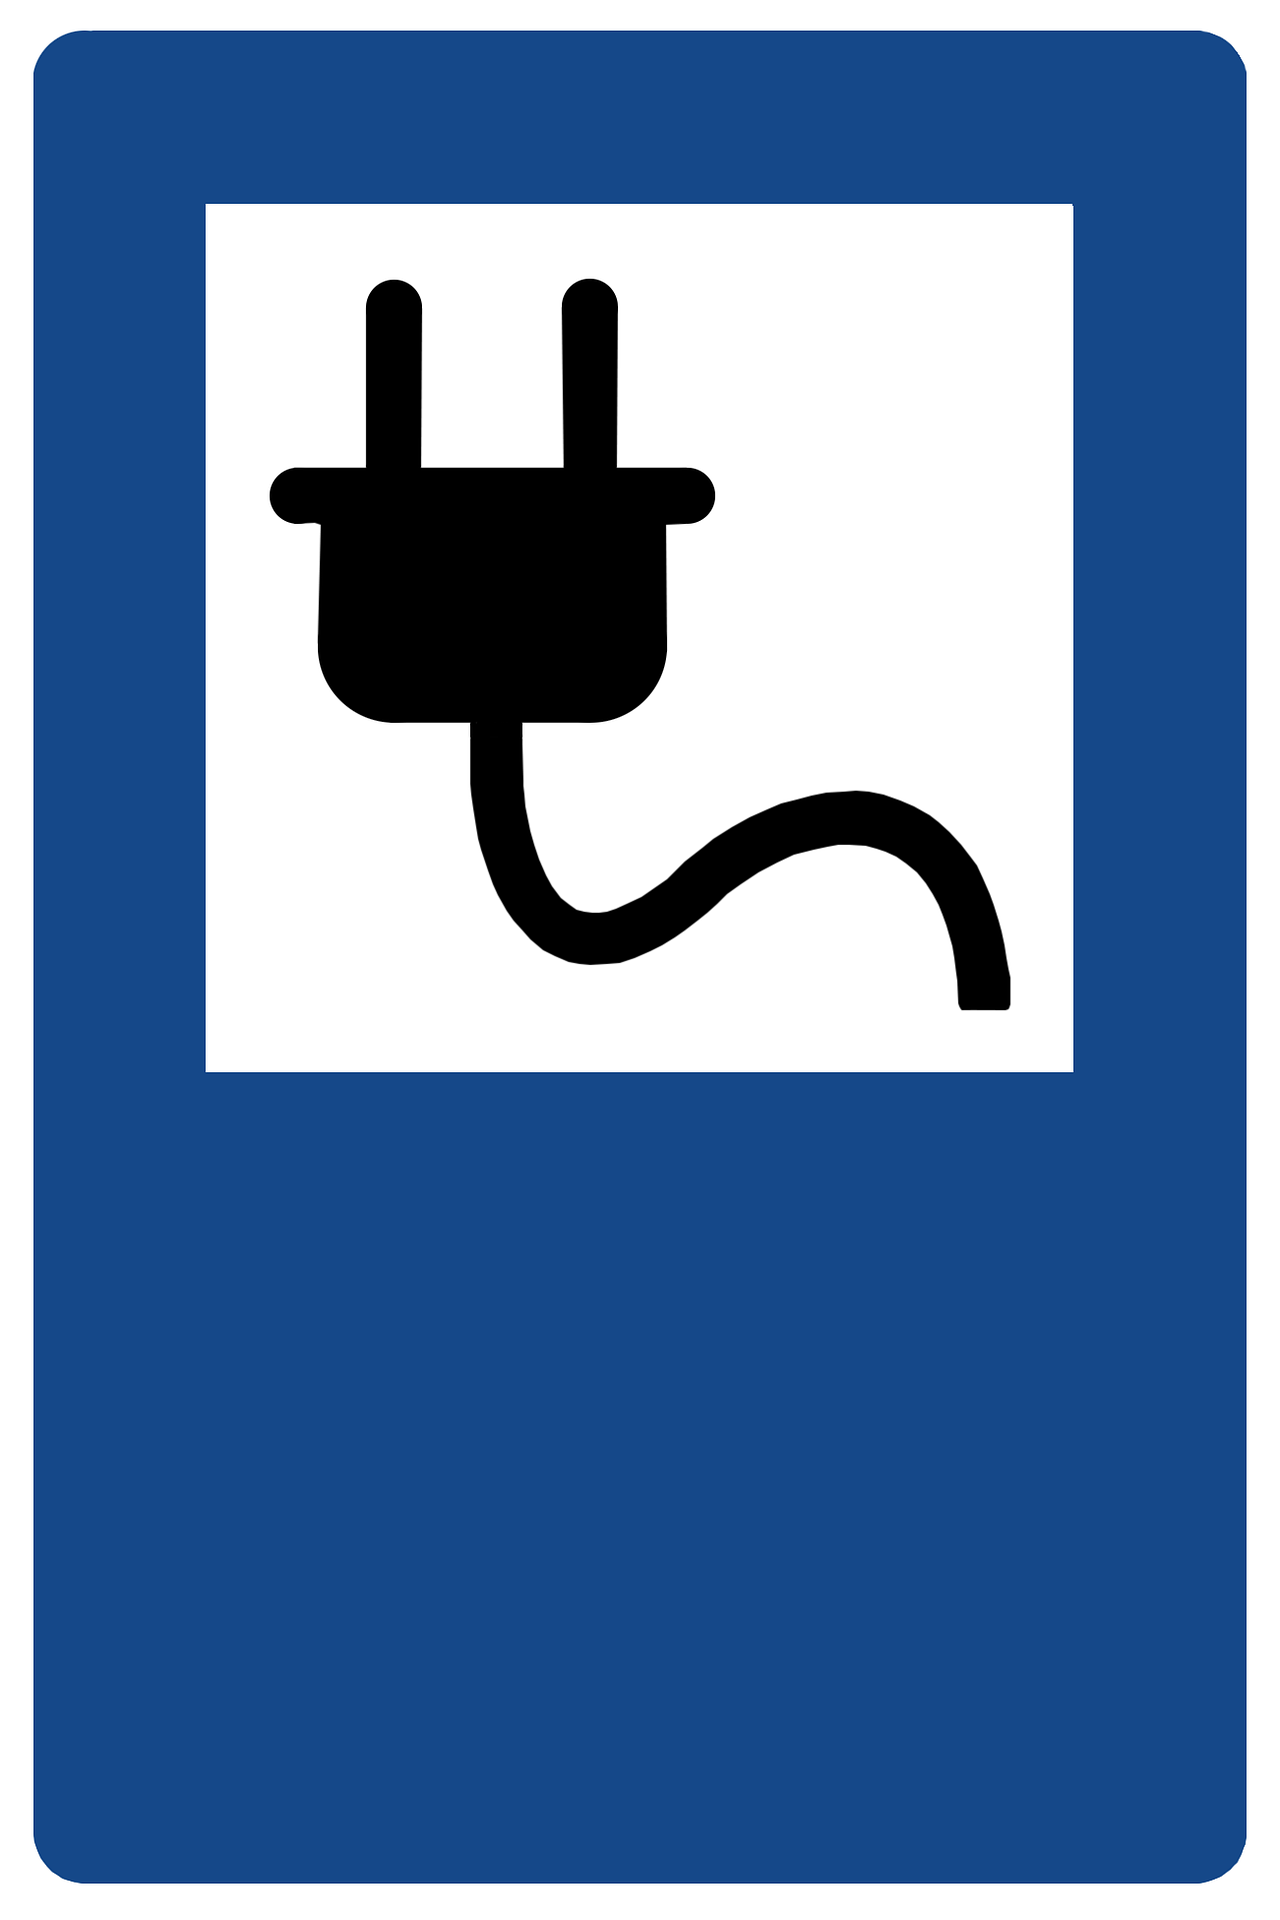 Hinweisschild für eine E-Tankstelle